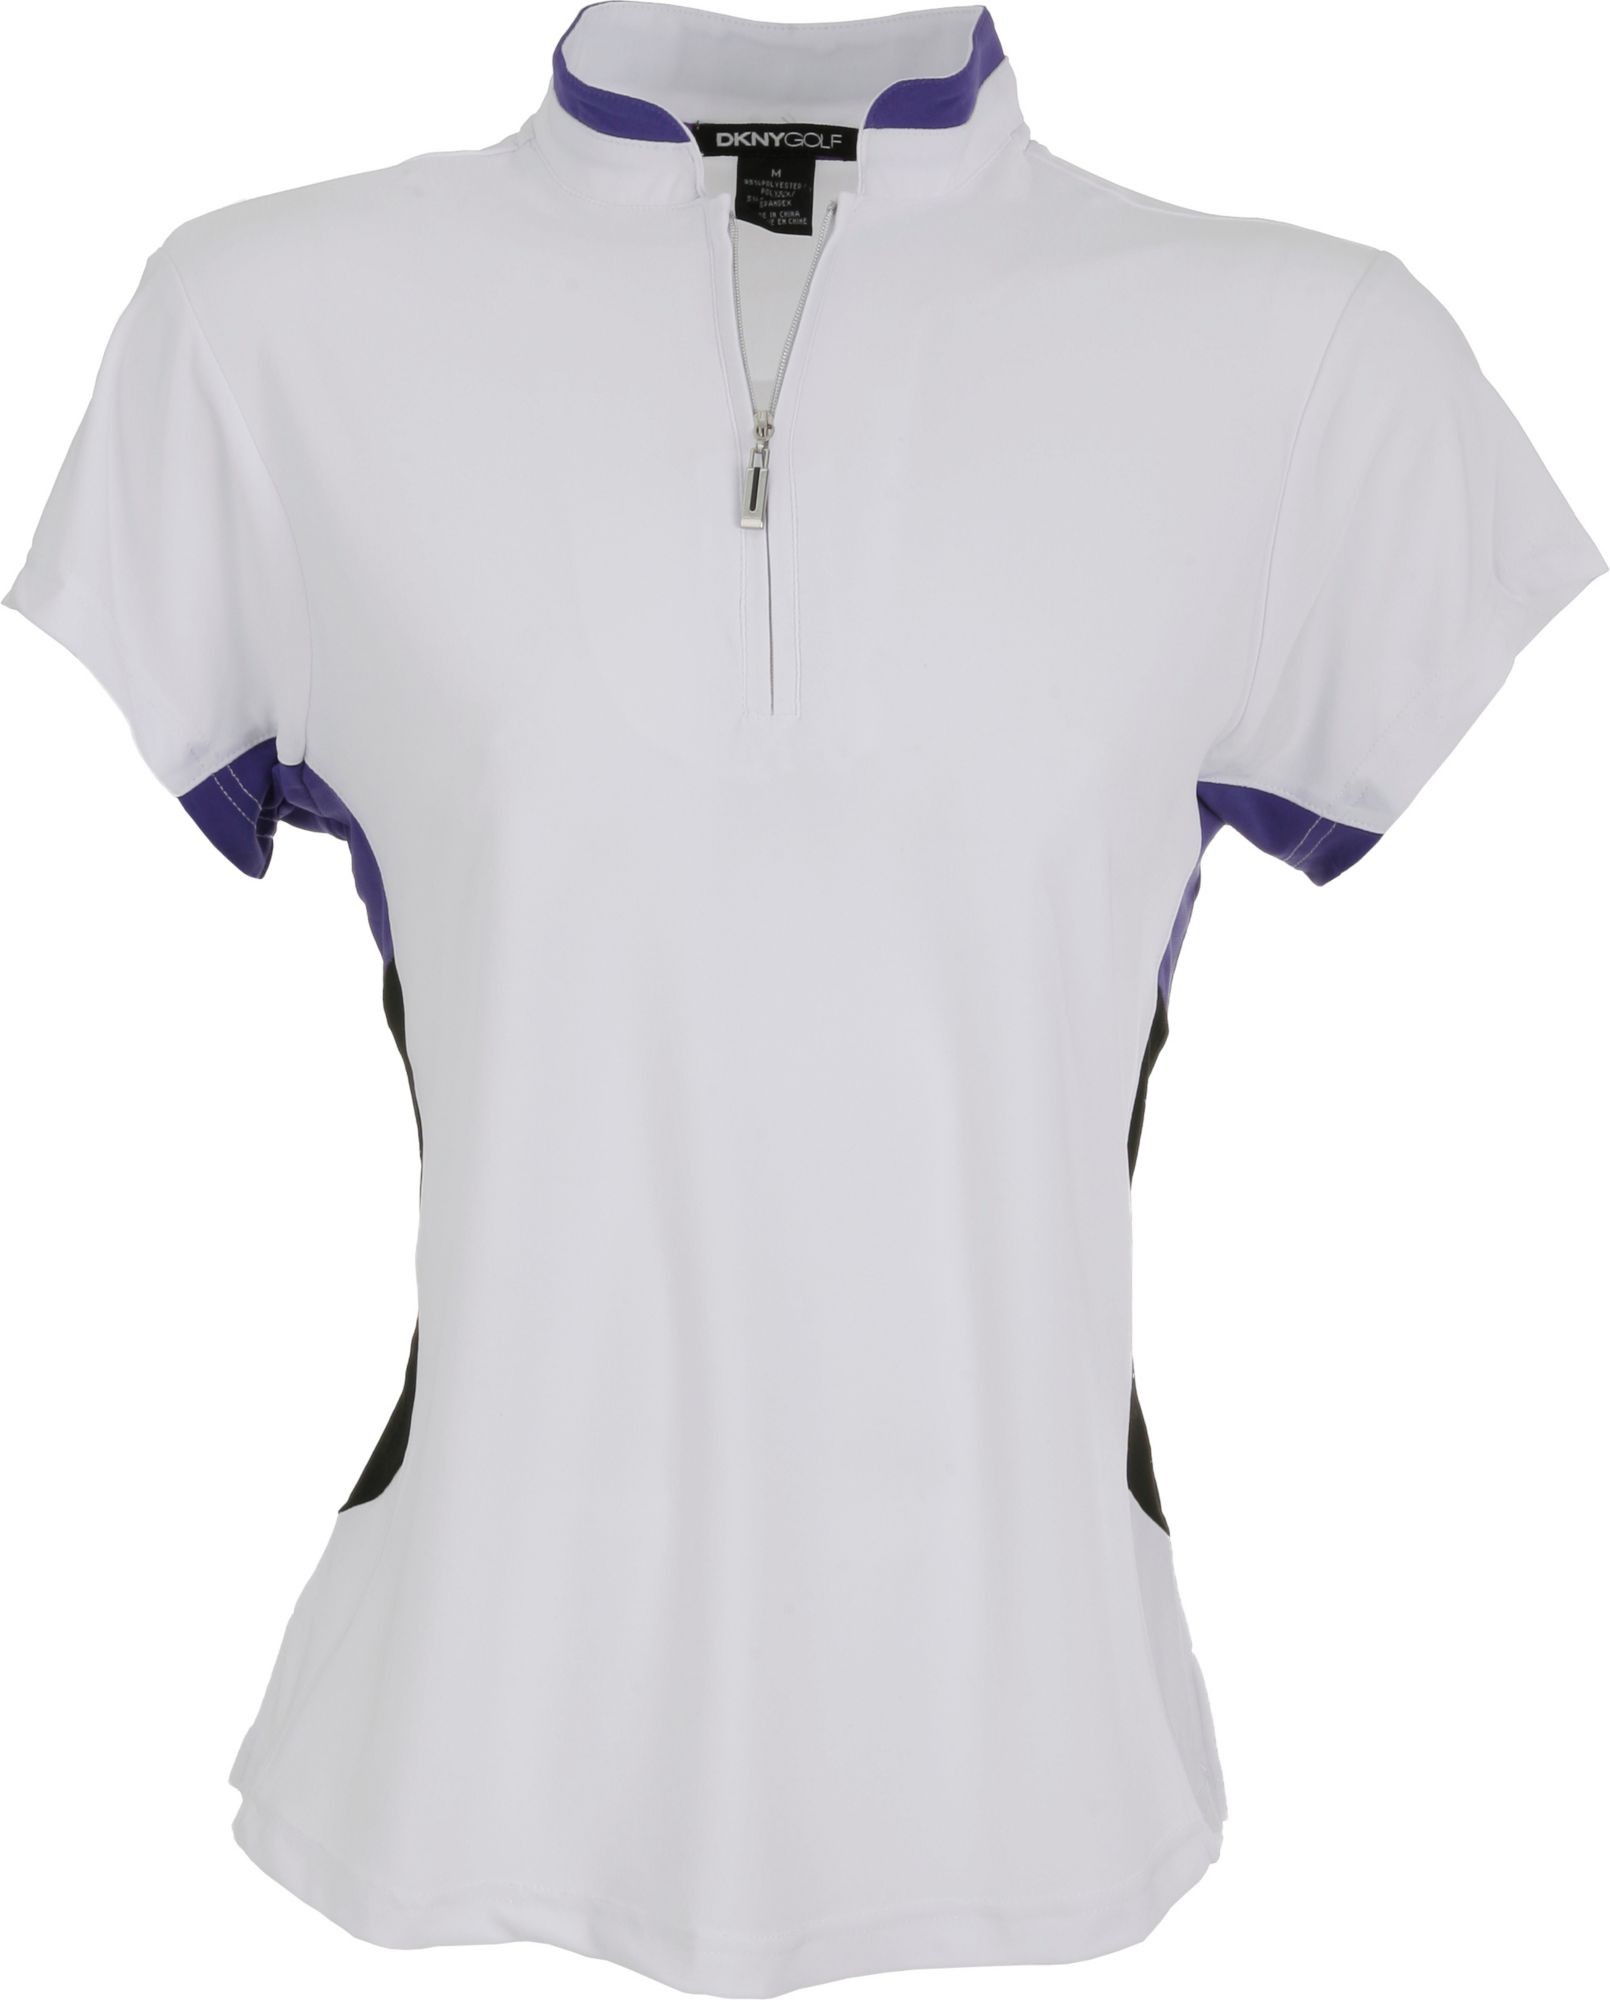 DKNY Women's Pure Based Zip Calypso Short Sleeve Polo